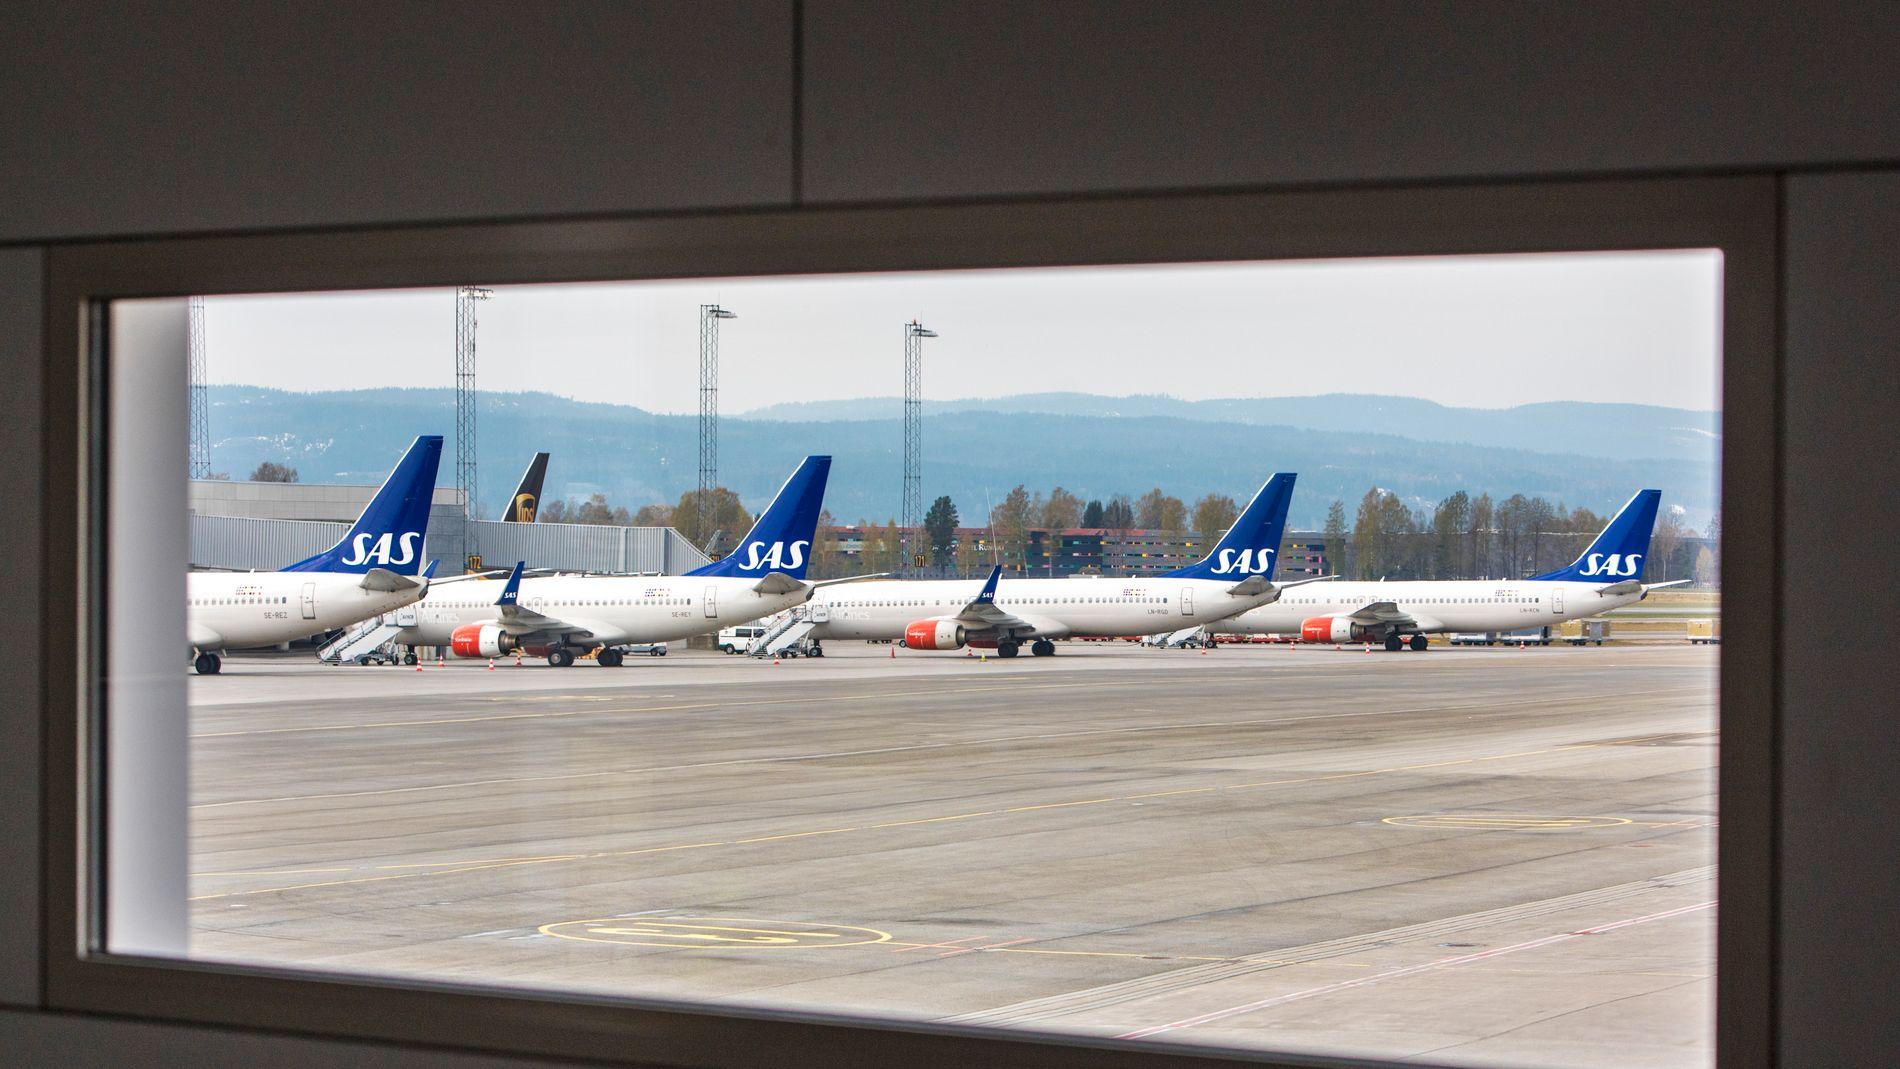 STORSTREIK: Norske SAS-piloter gikk ut i streik etter at meglingen med NHO Luftfart brøt sammen natt til fredag. På Oslo Lufthavn Gardermoen sto det flere parkerte SAS-fly. Foto: Ole Berg-Rusten / NTB scanpix